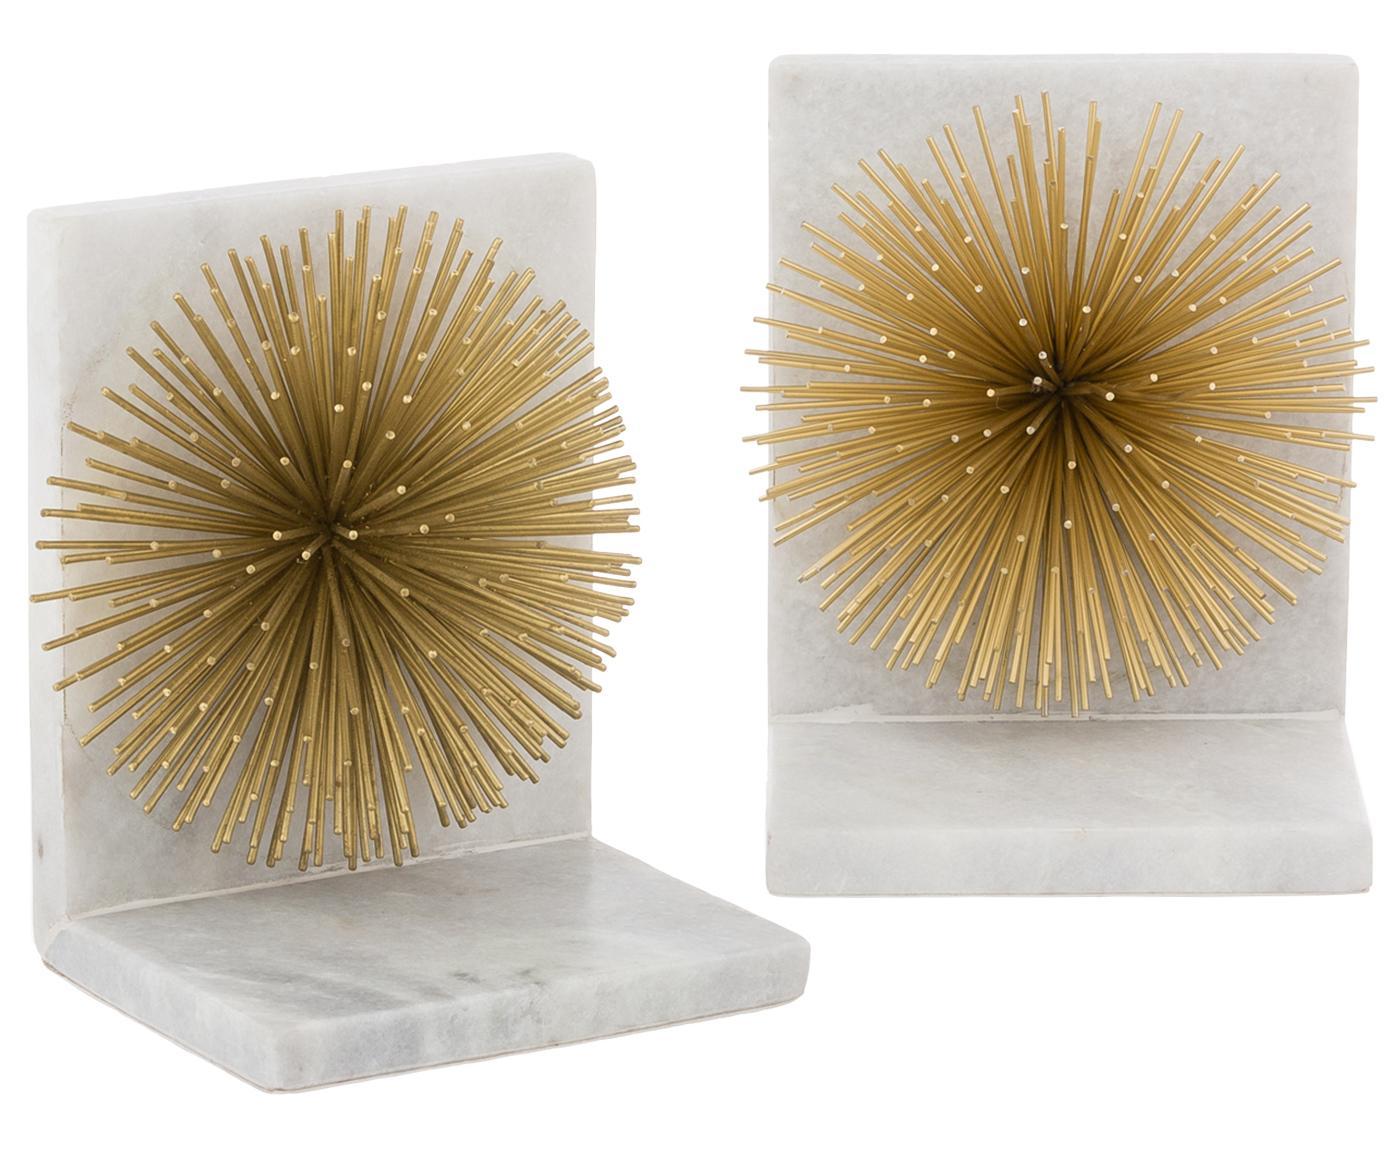 Boekensteunen Marburch, 2 stuks, Onderzijde: vilt, Boekensteun: wit marmer. Ornament: goudkleurig. Onderzijde: vilt, 14 x 17 cm